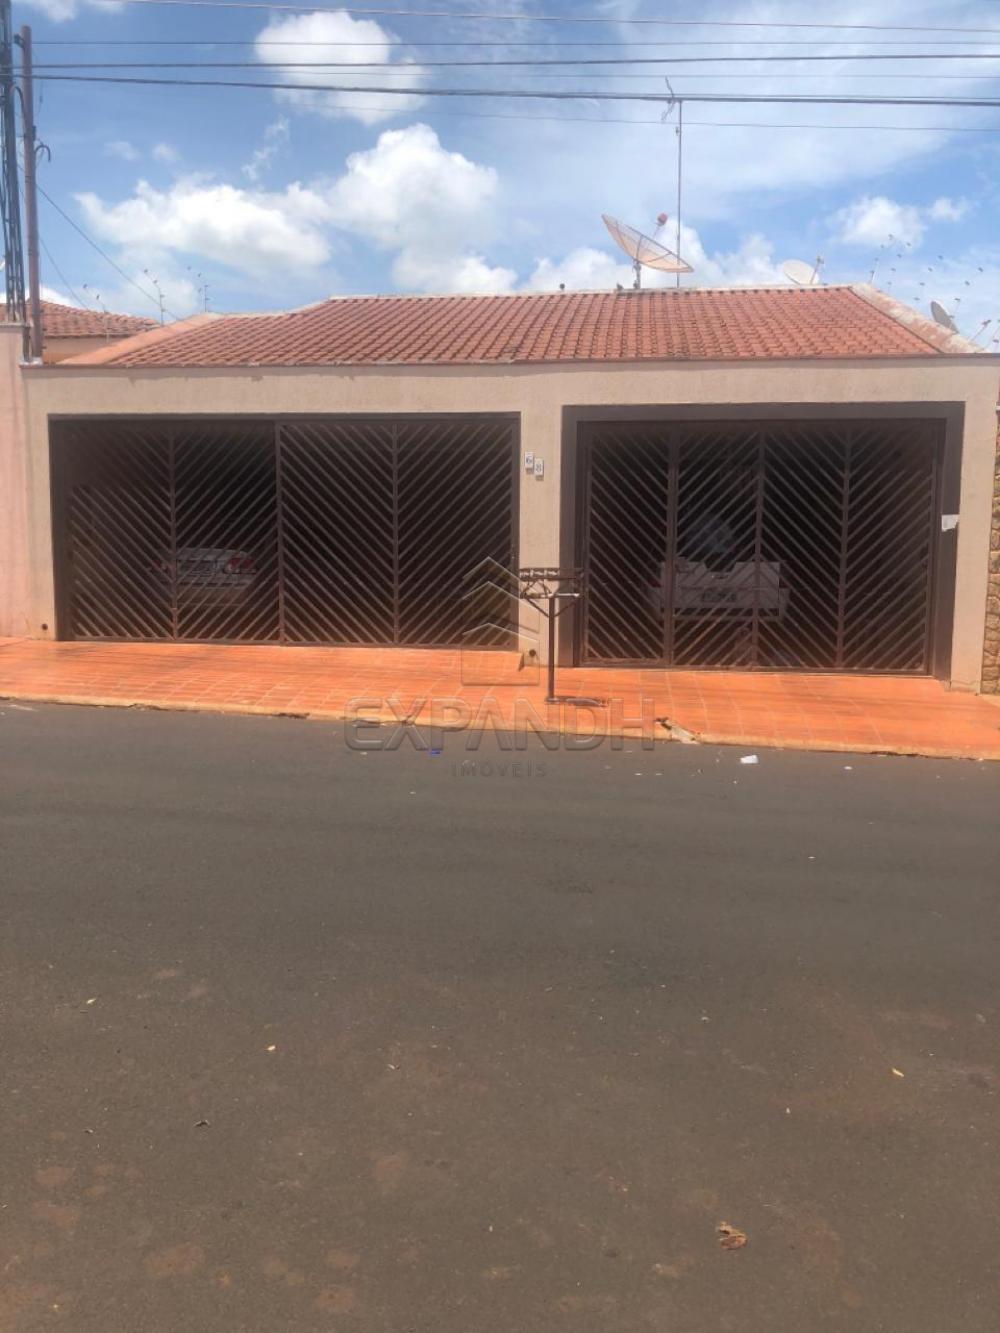 Comprar Casas / Padrão em Sertãozinho R$ 370.000,00 - Foto 2